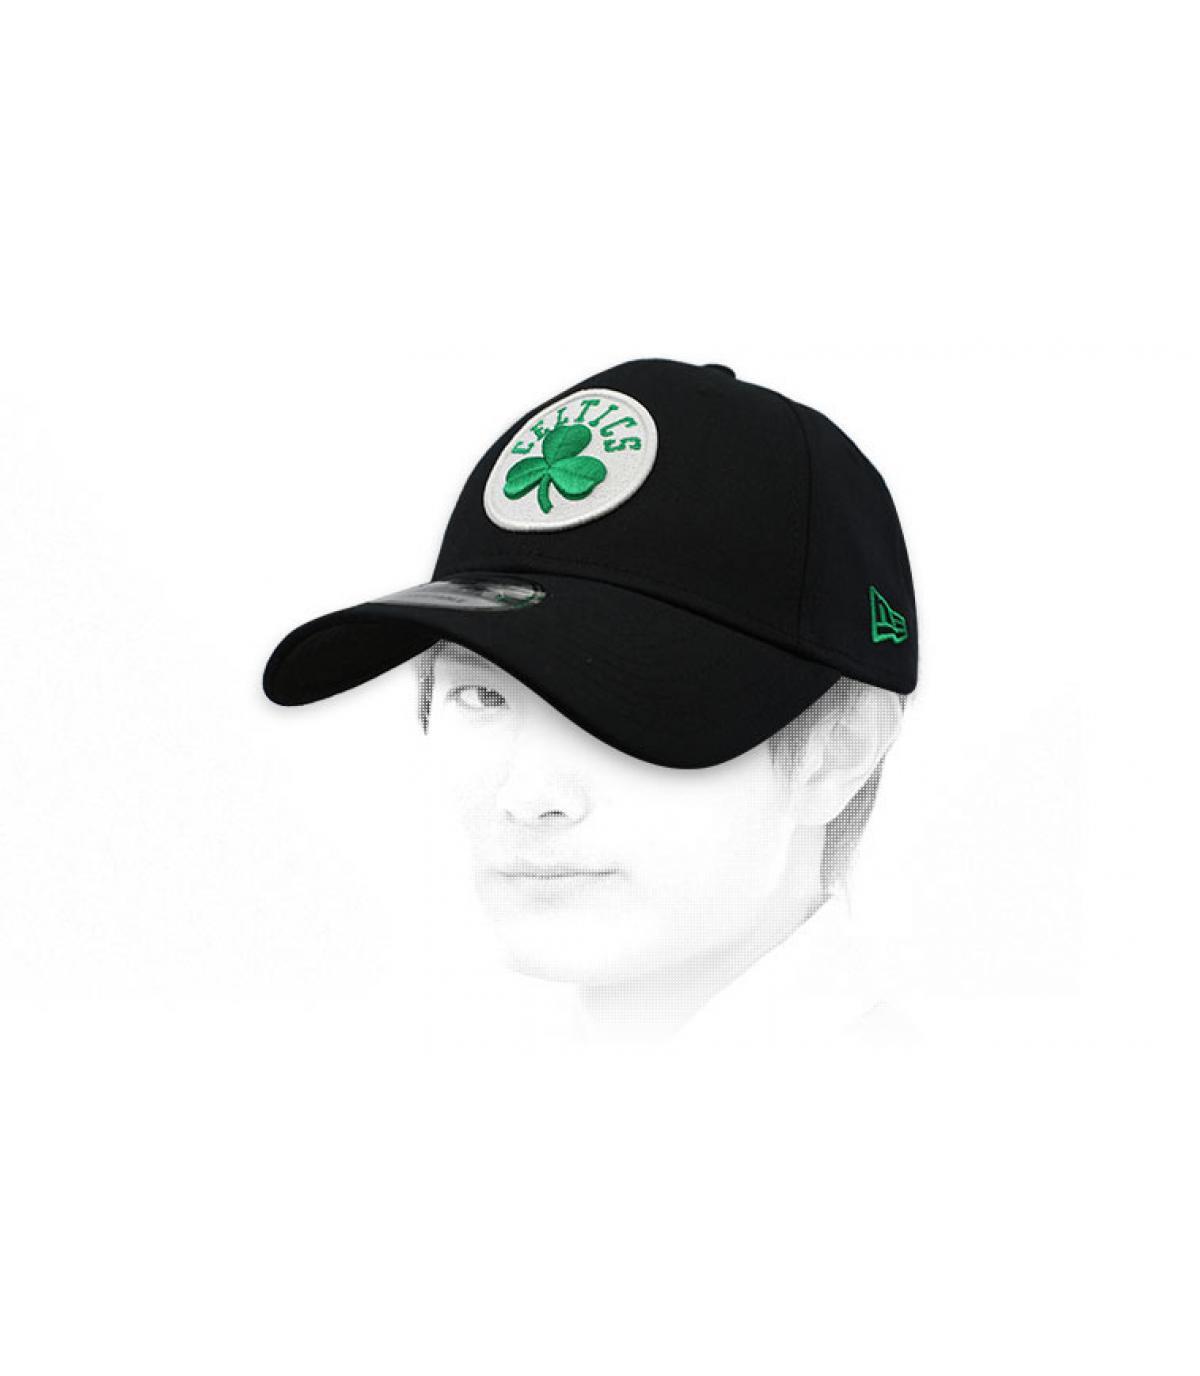 black Celtics cap